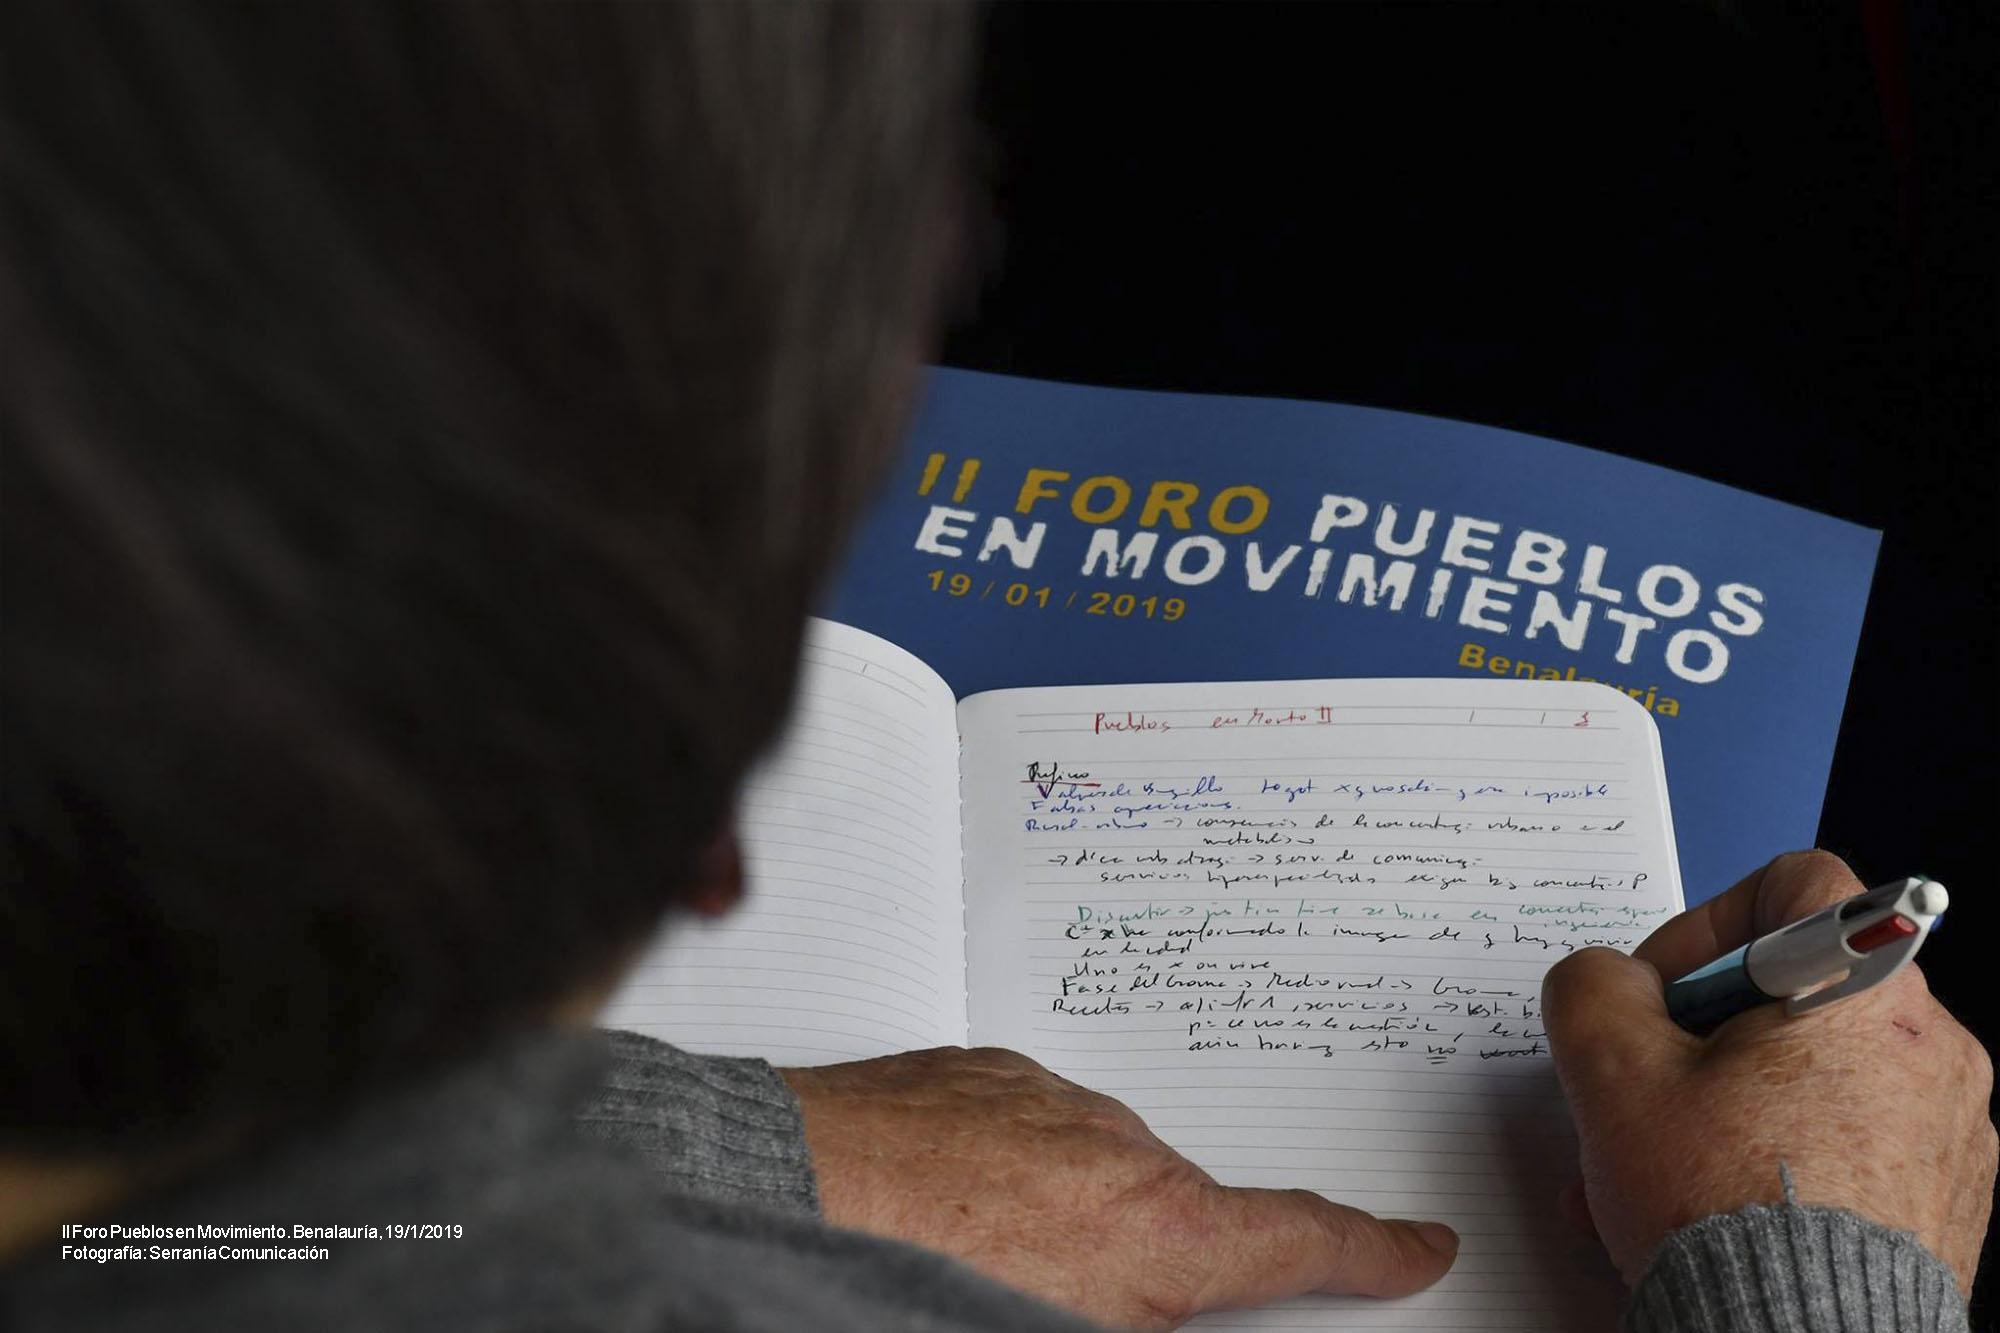 II Foro Pueblos en Movimiento (Benalauría, 19/1/2019)